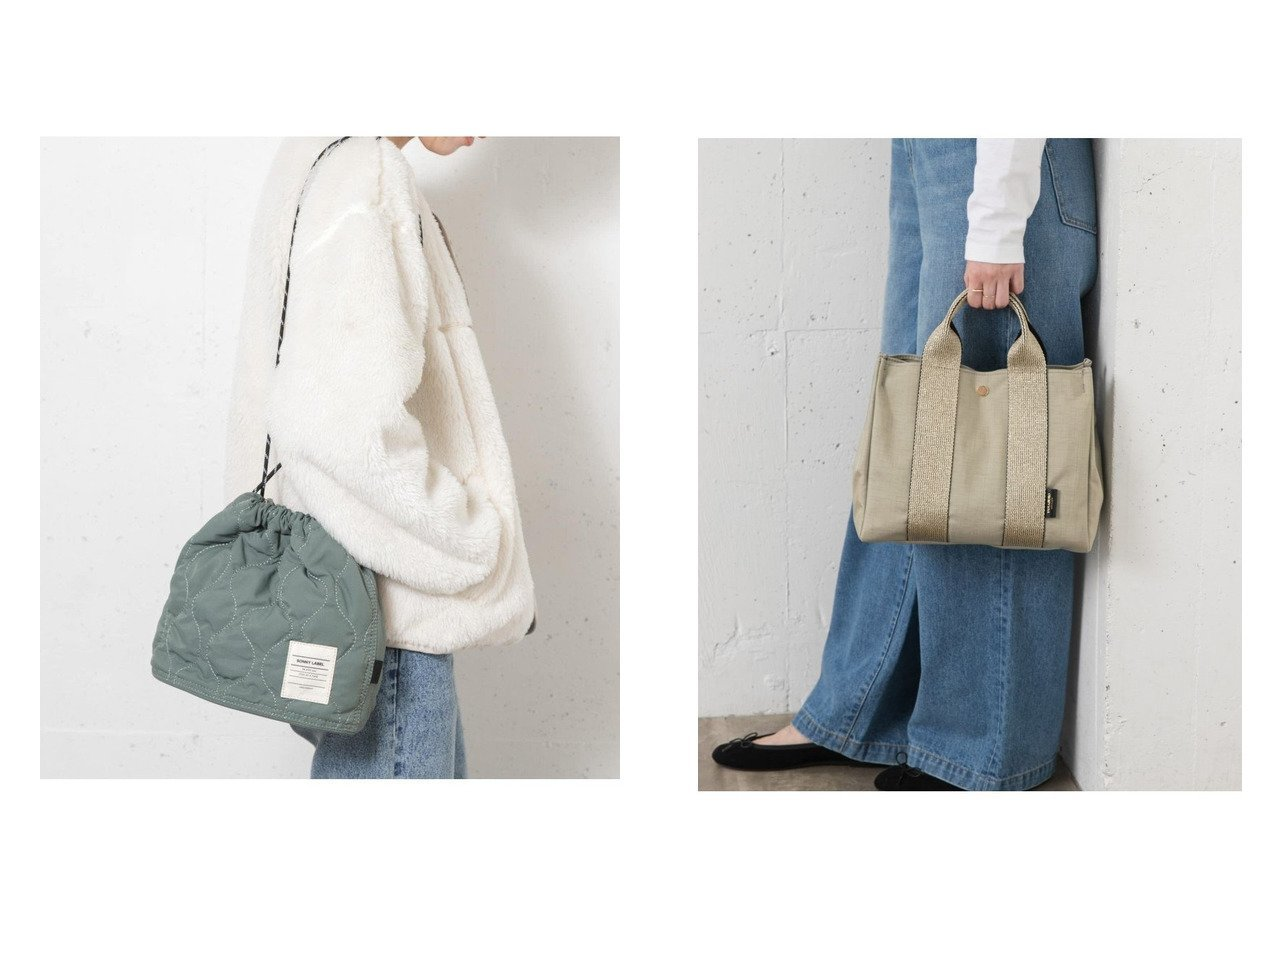 【Sonny Label / URBAN RESEARCH/サニーレーベル】のキルティングドローストリングバッグ&VIOLAd ORO GINO V-2112 バッグ・鞄のおすすめ!人気、トレンド・レディースファッションの通販  おすすめで人気の流行・トレンド、ファッションの通販商品 メンズファッション・キッズファッション・インテリア・家具・レディースファッション・服の通販 founy(ファニー) https://founy.com/ ファッション Fashion レディースファッション WOMEN バッグ Bag キルティング A/W 秋冬 AW Autumn/Winter / FW Fall-Winter ポーチ ラグジュアリー 財布 |ID:crp329100000009907